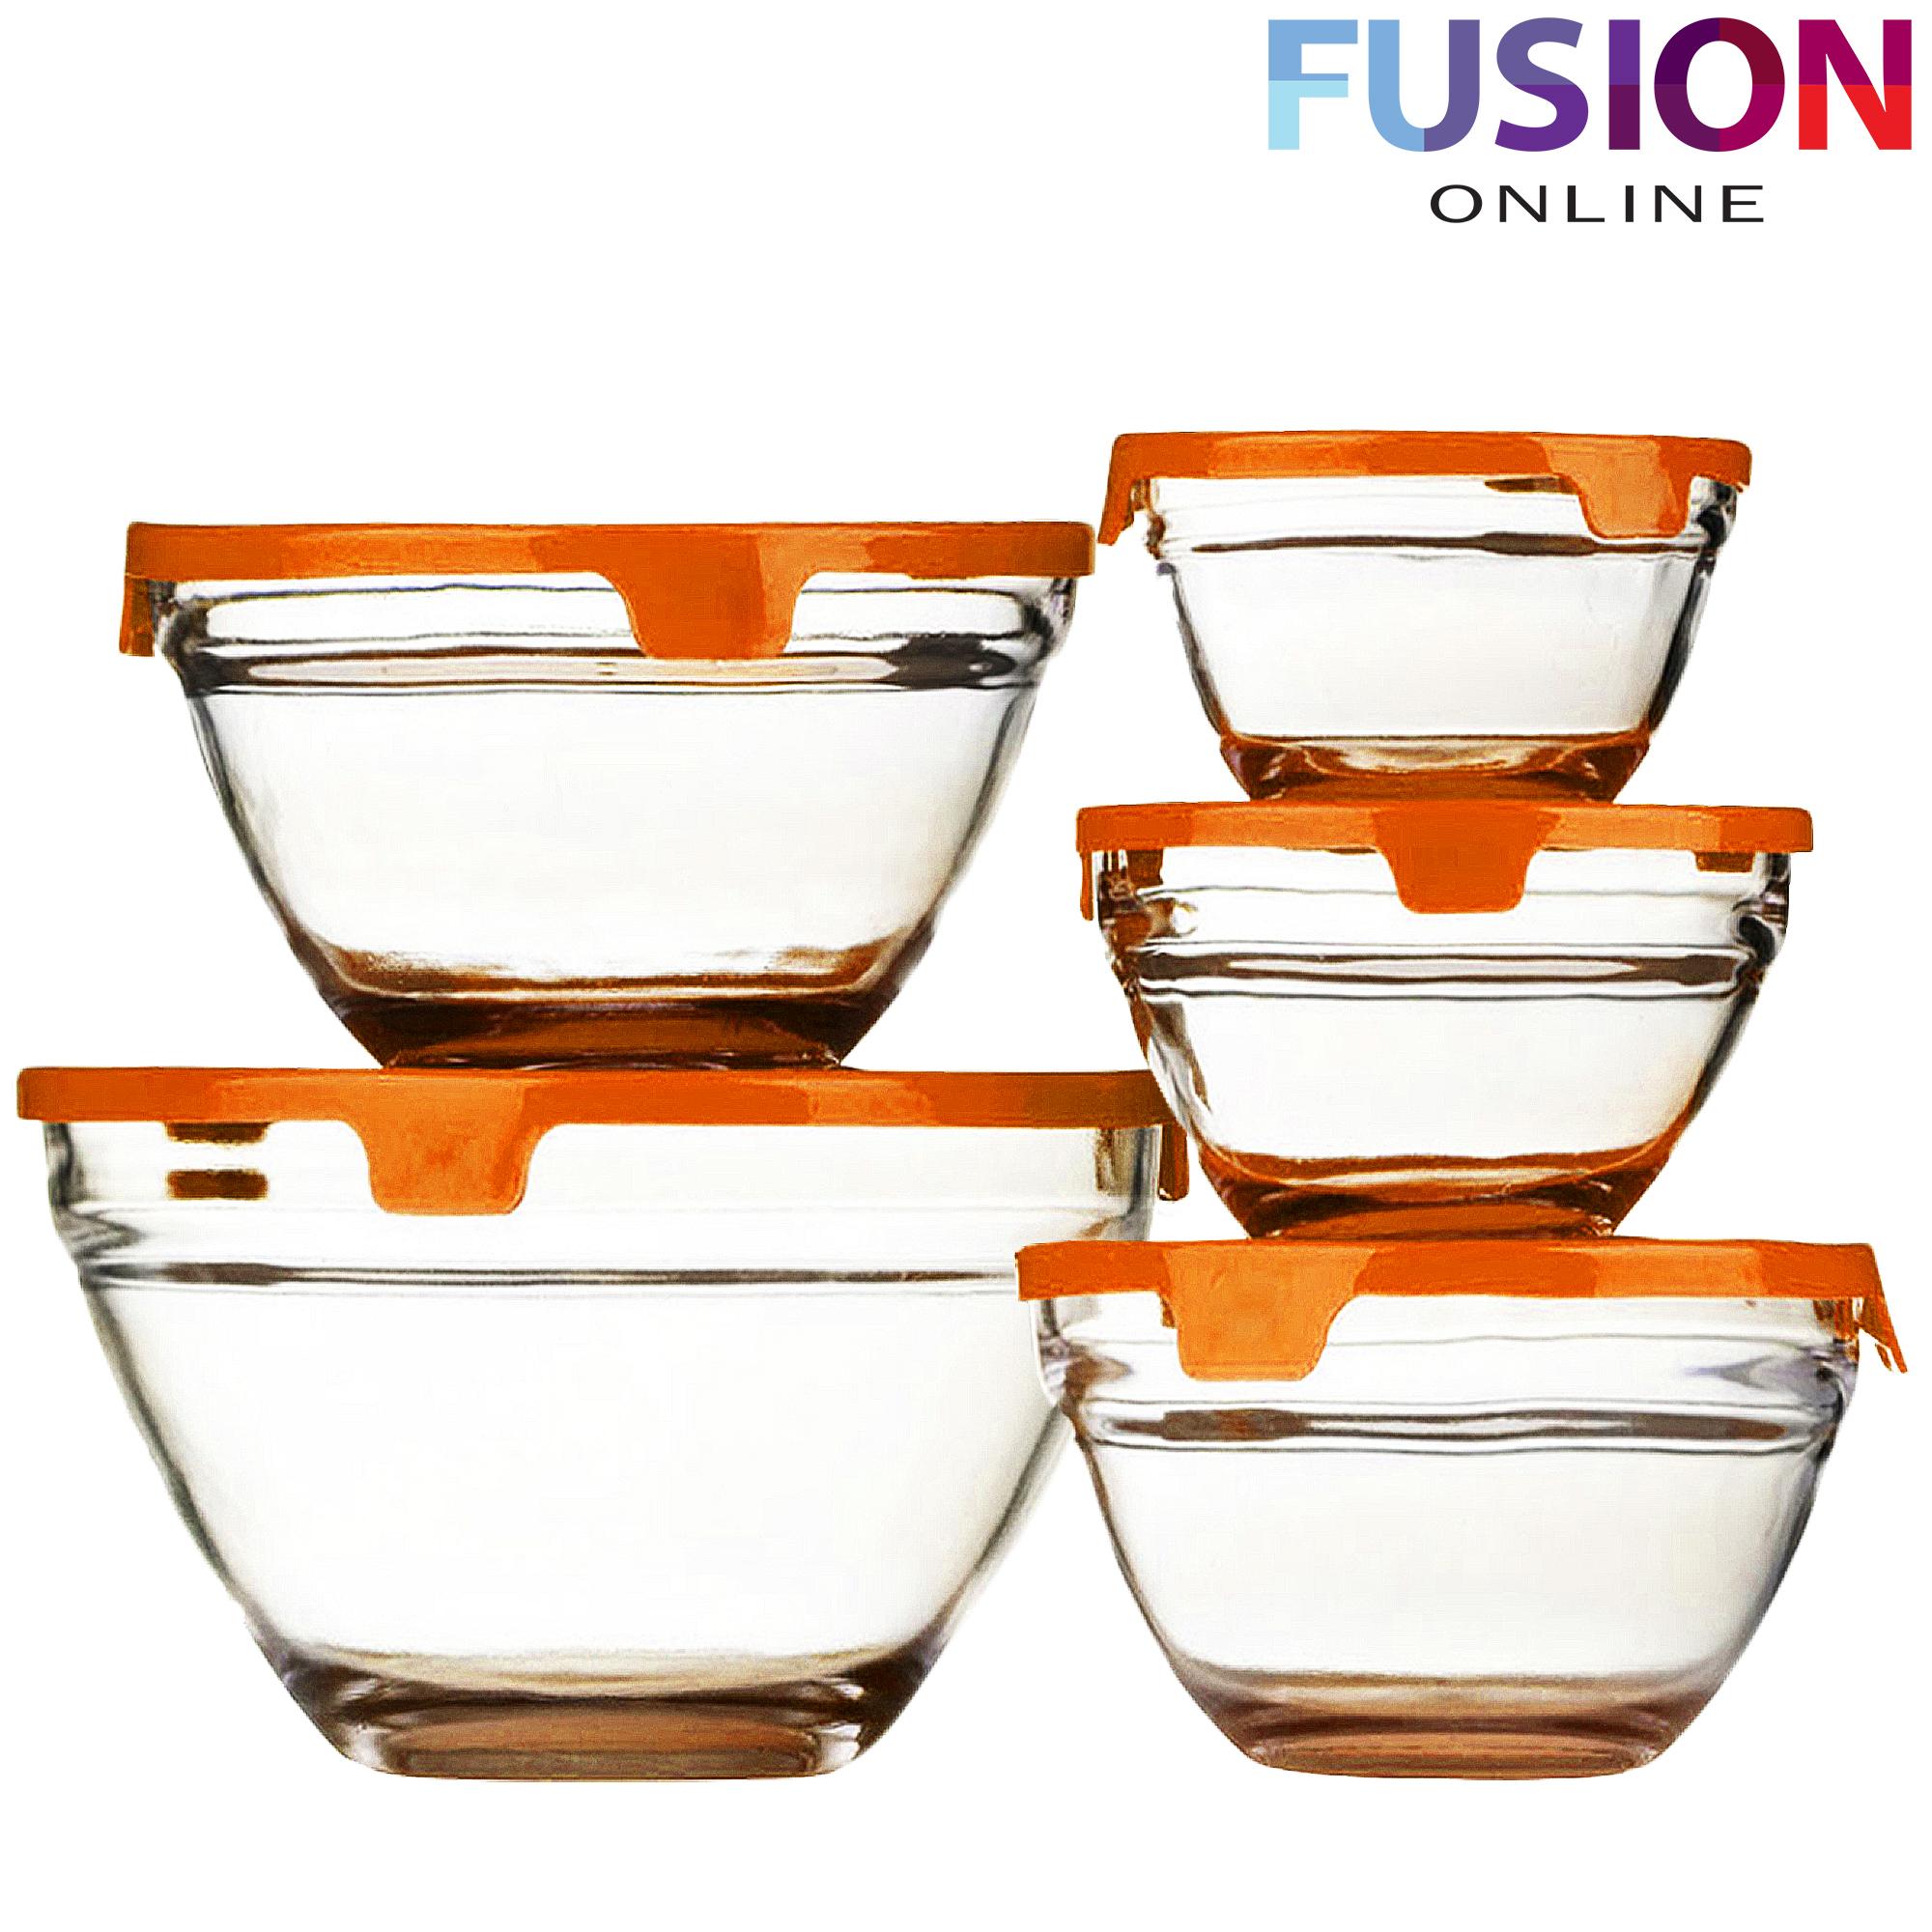 5 stackable glass bowl bowls food storage kitchen set with lids dishwasher safe ebay. Black Bedroom Furniture Sets. Home Design Ideas